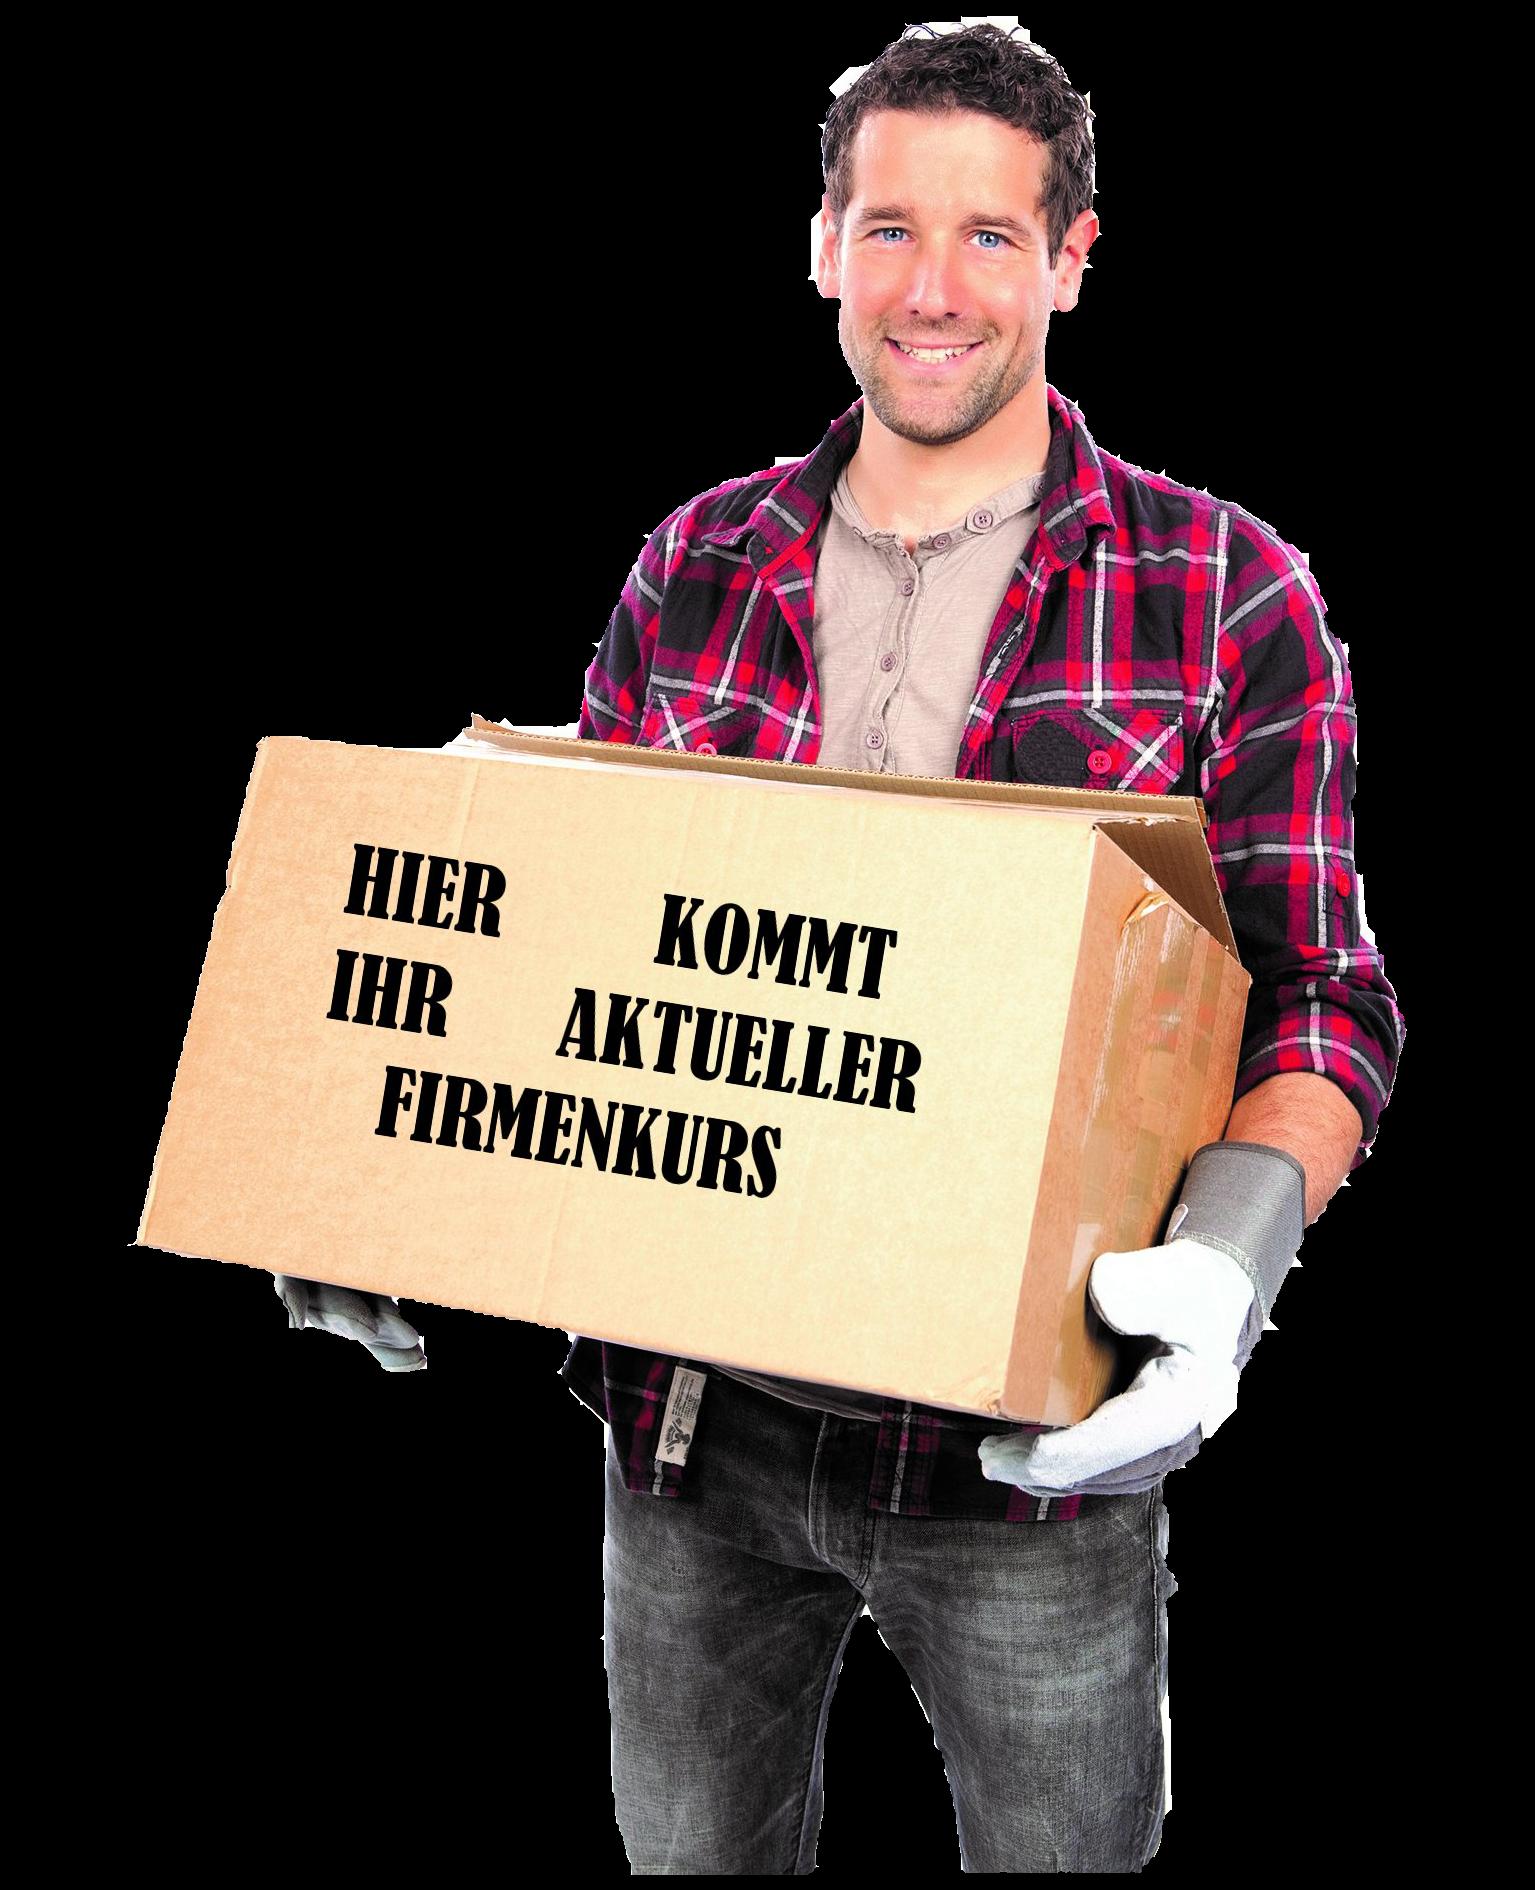 firmenkurs_17